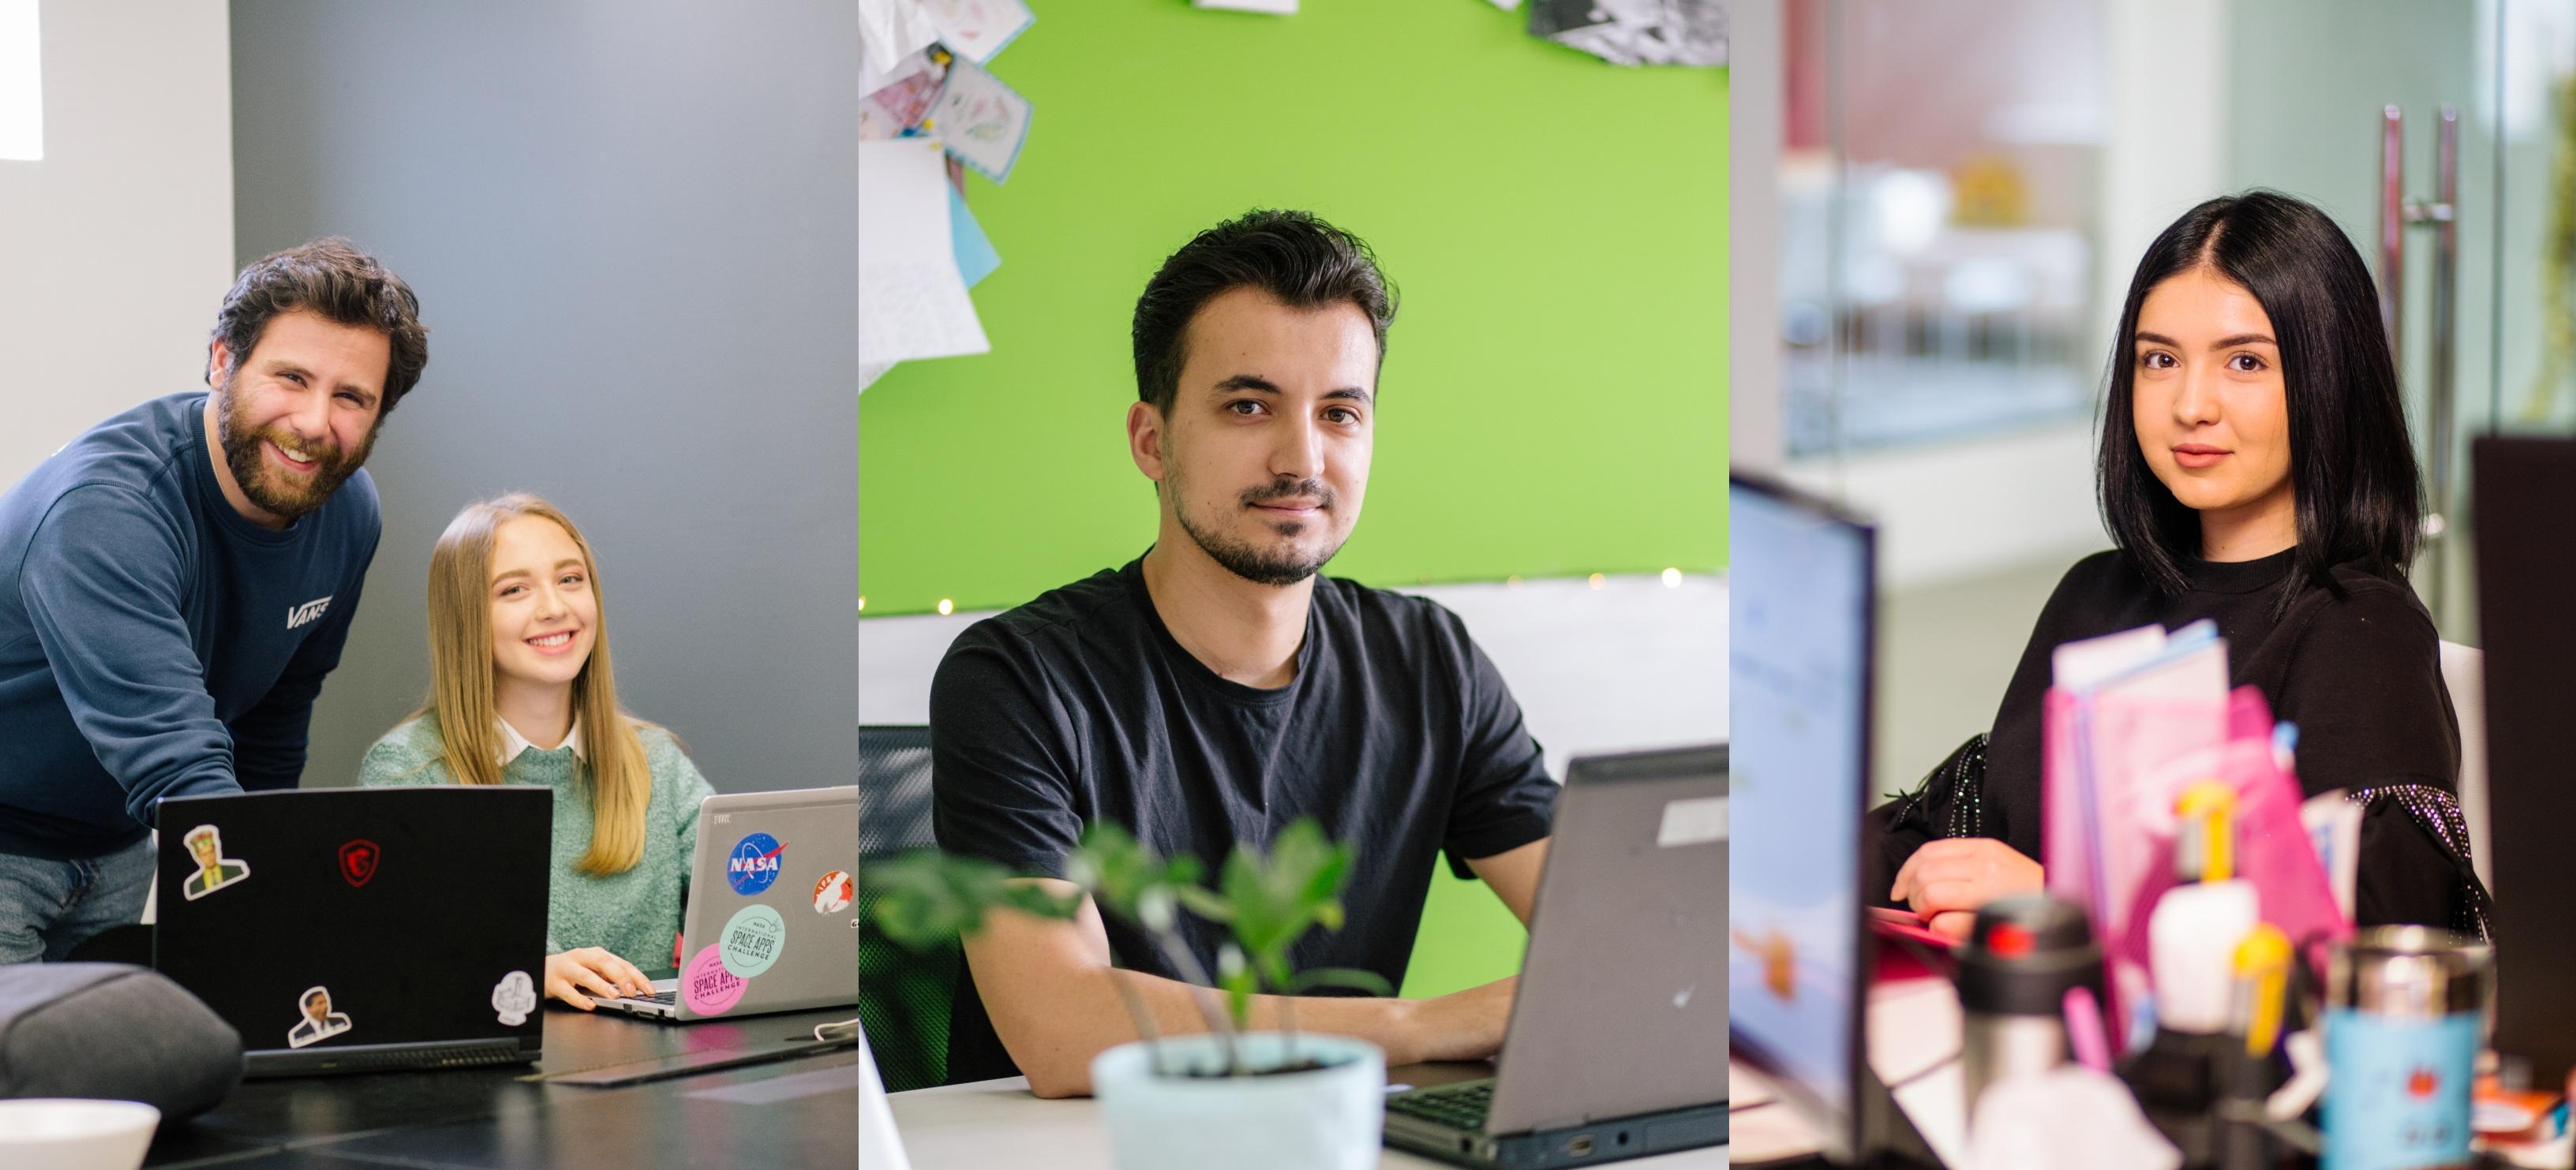 Thirrje për kompanitë e TIK: Angazhimi i praktikantëve